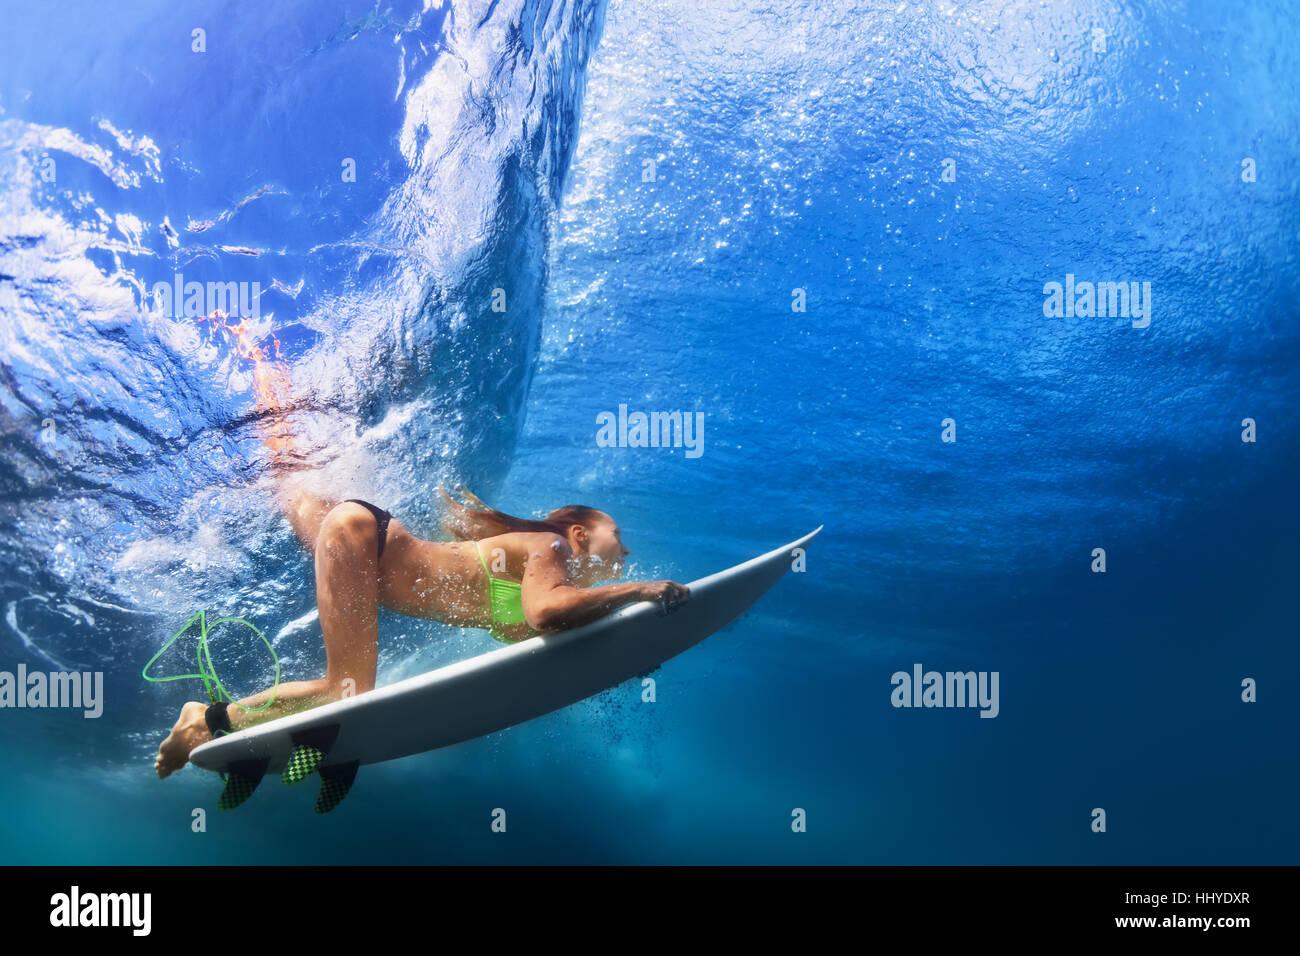 Active chica en bikini en acción. Surfer mujer con surf buceo bajo submarino ola rompiendo. Deportes acuáticos, Imagen De Stock